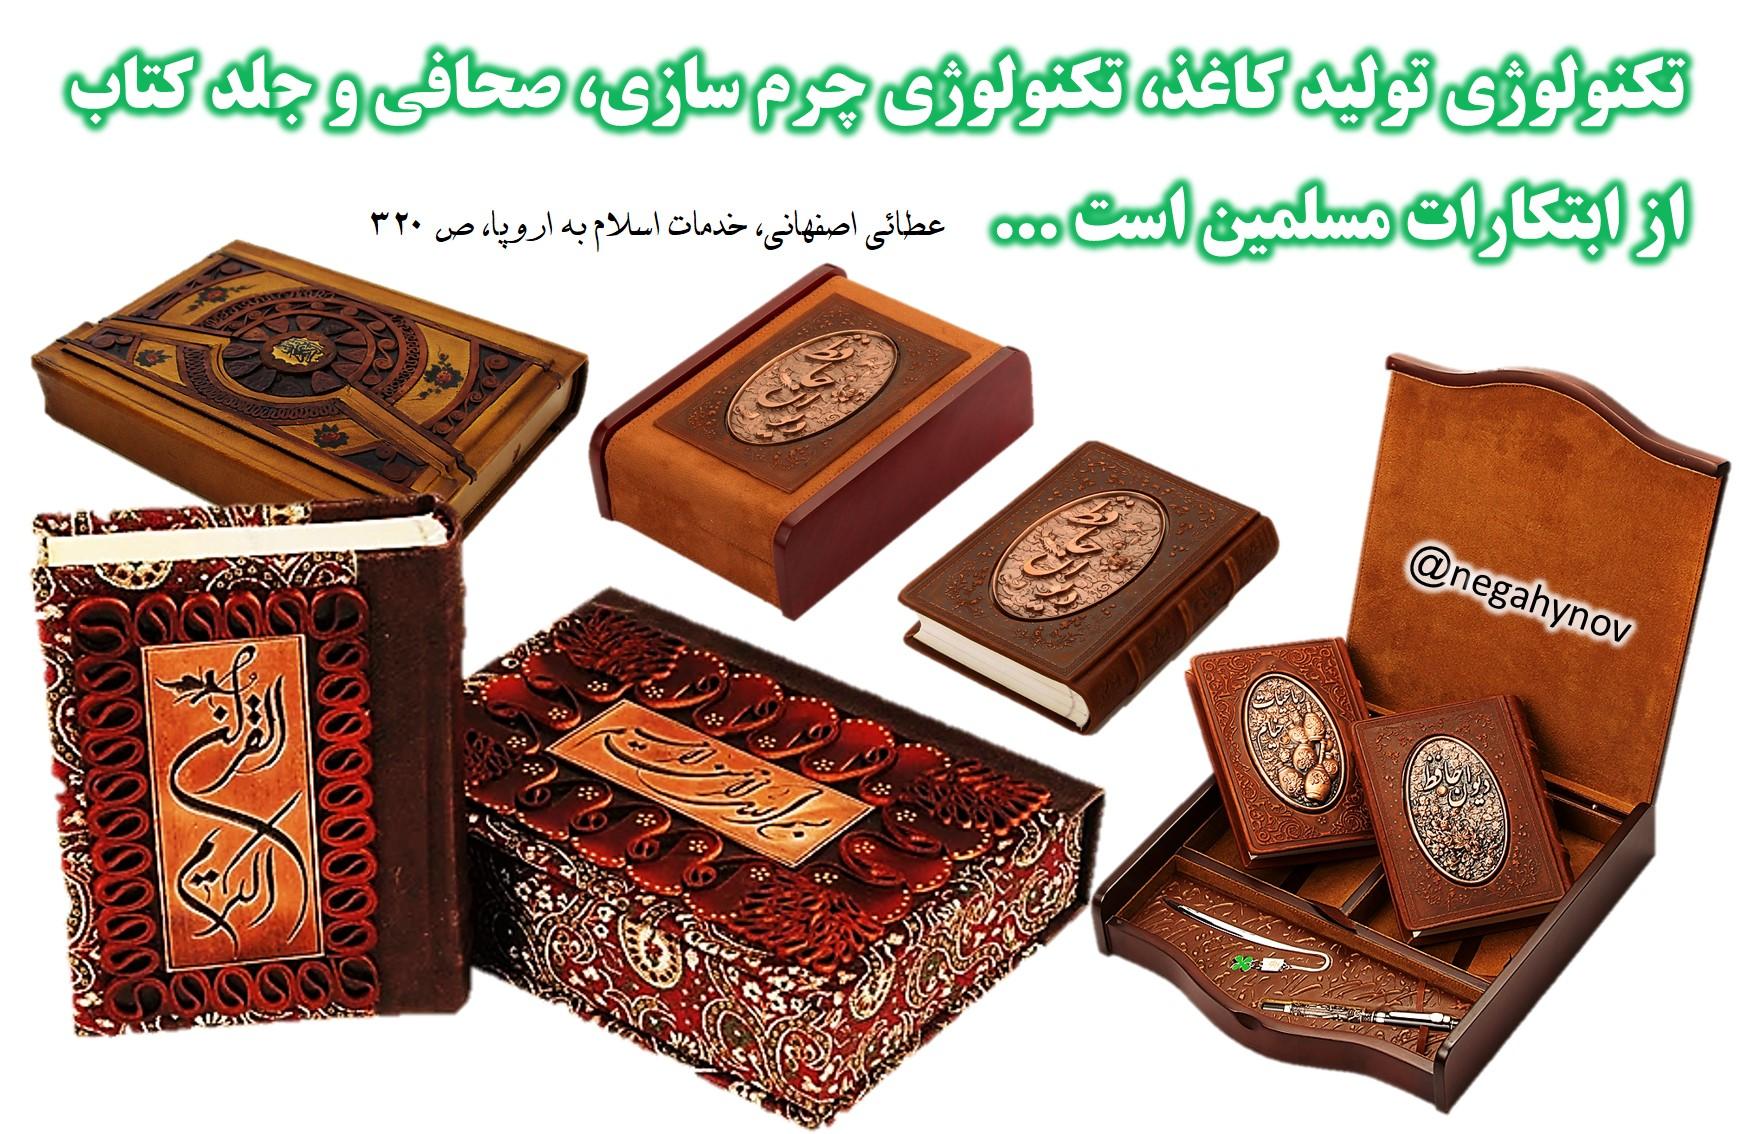 ابتکارات مسلمانان - کاغذ، چرم و... - نگاهی نو